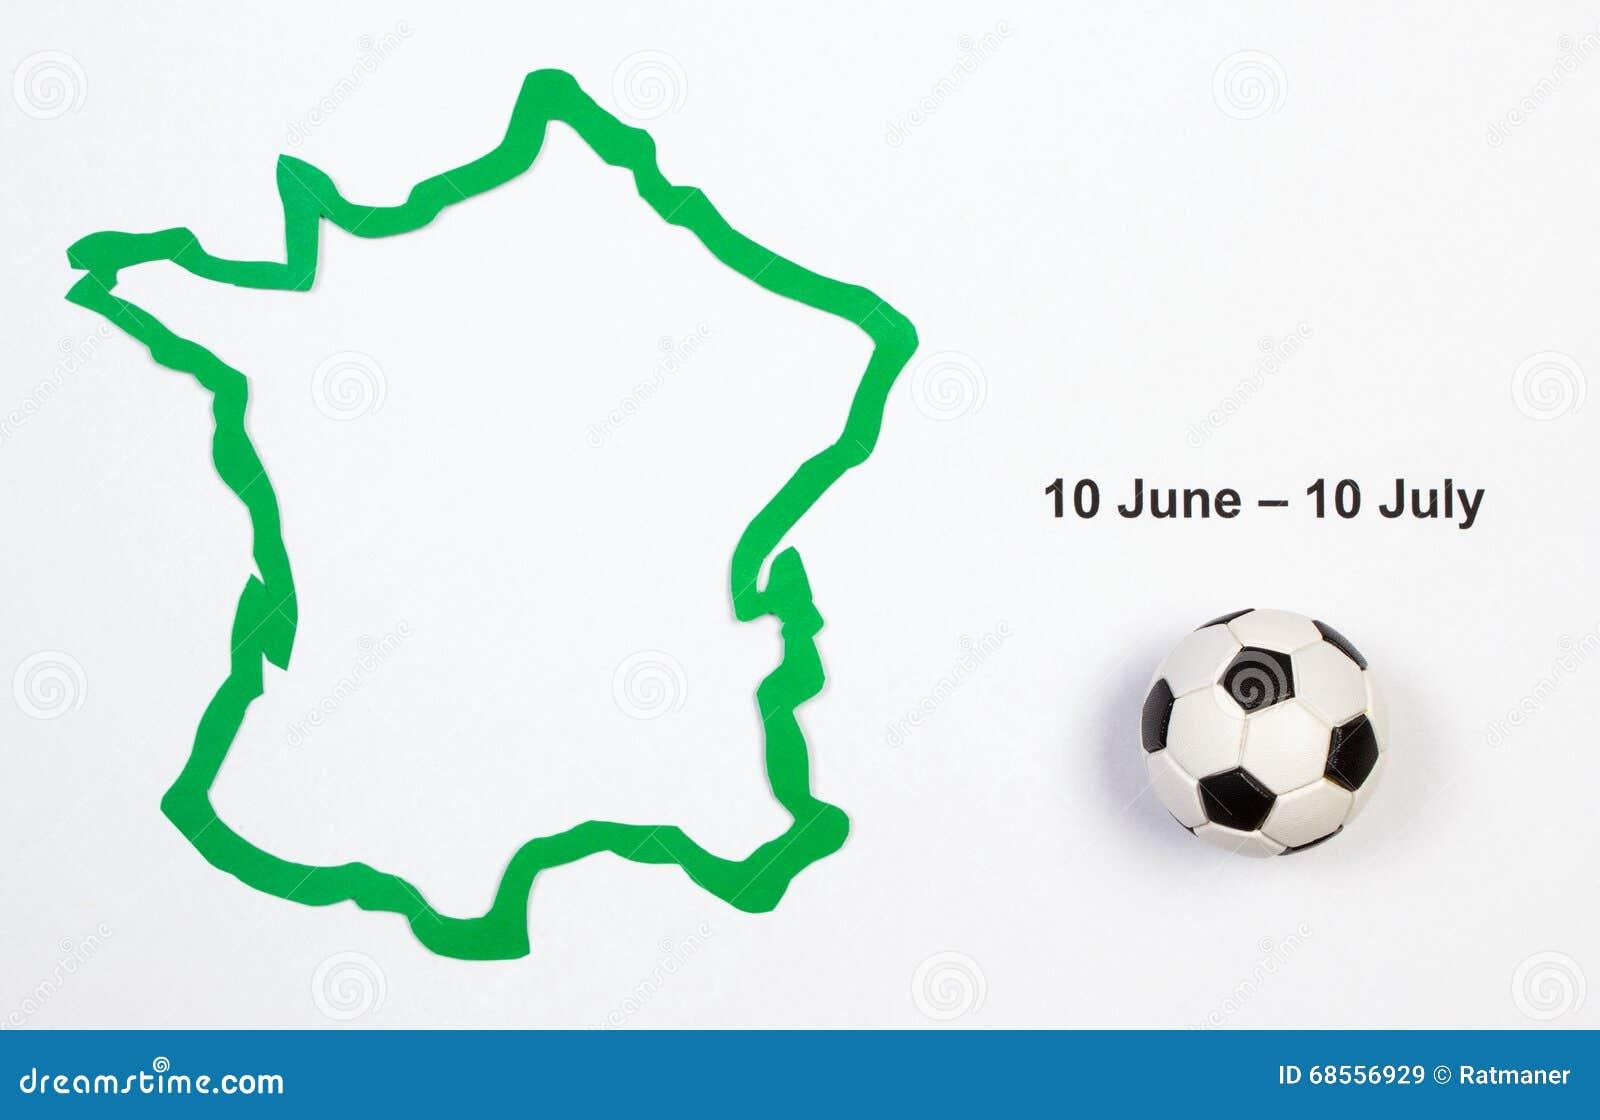 Футбольный мяч и контур Франция Стоковое Изображение - изображение ... 422a590e7eb